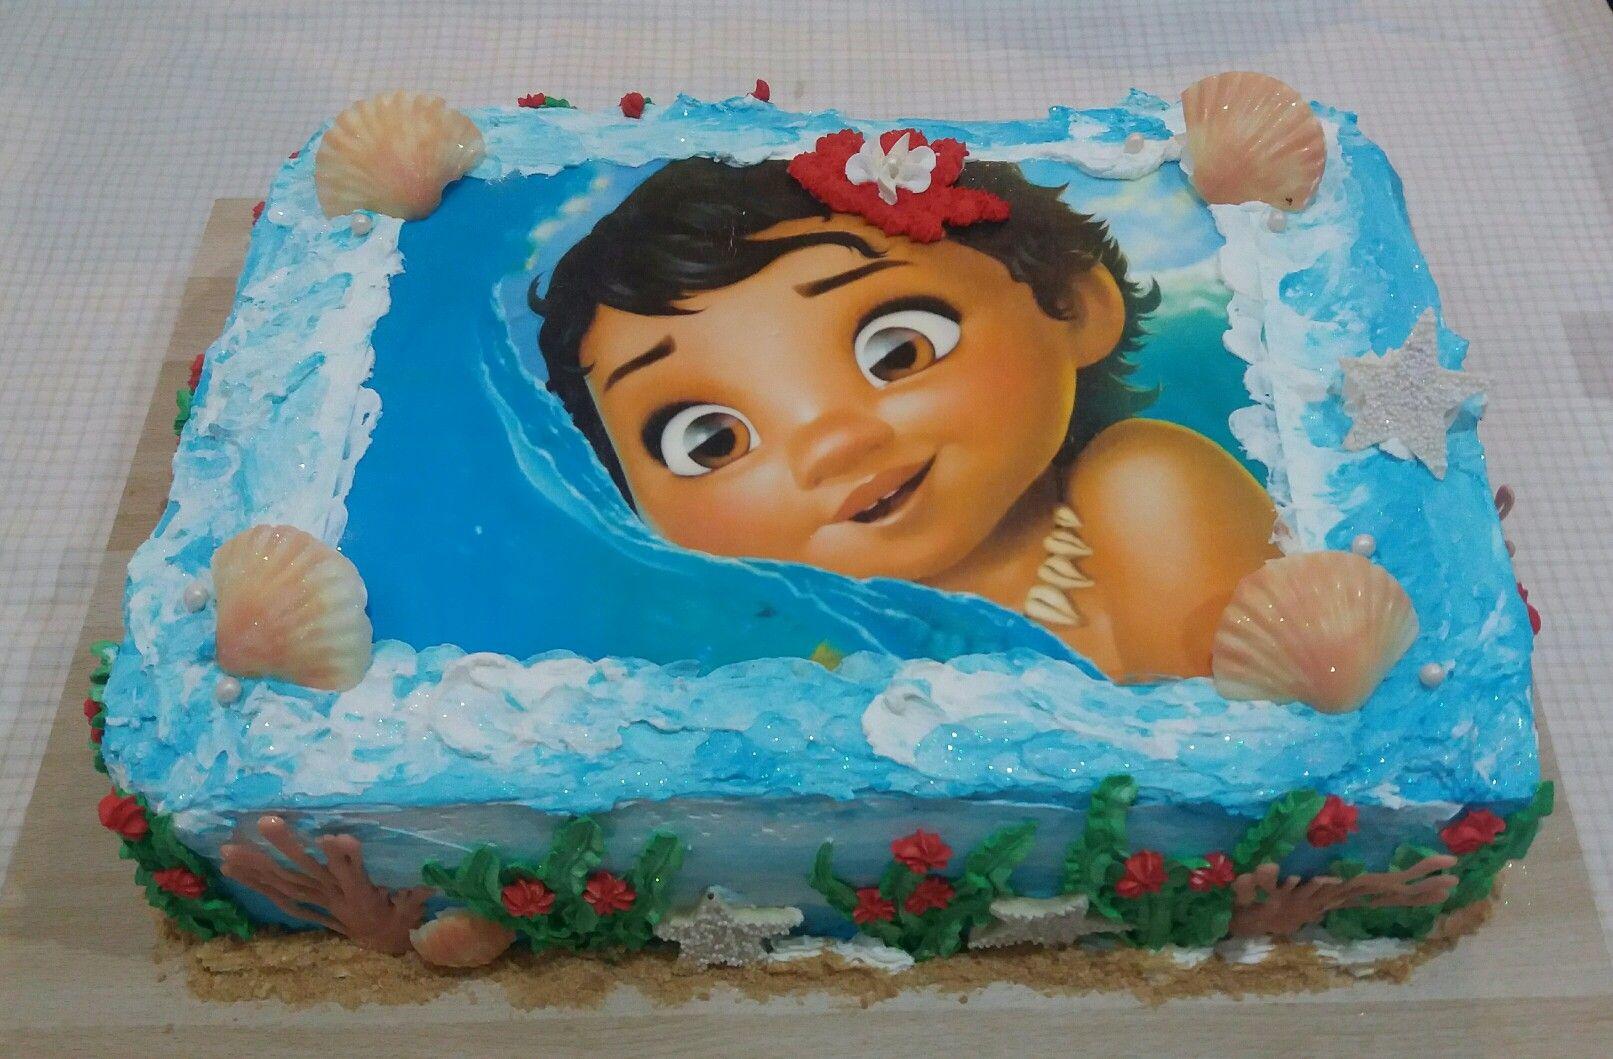 Bolo Moana Baby Feito Por Lilia Ap Carlos Oliveira Com Imagens